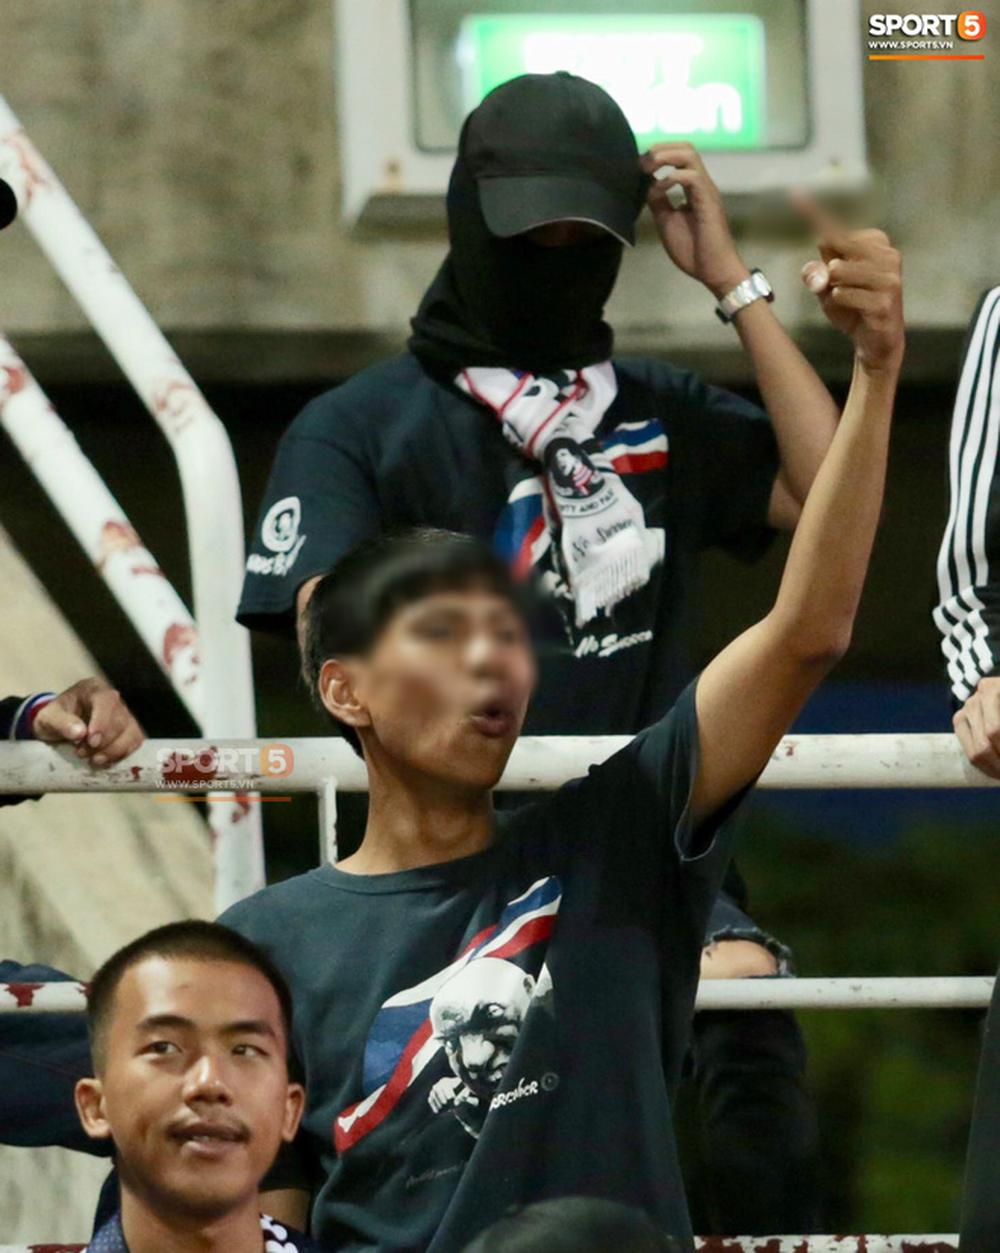 Khi điều phối viên trên sân Thammasat đọc đến tên HLV Park Hang-seo, một cổ động viên thuộc nhóm Ultras Thái Lan đã có hành động xấu xí khi giơ ngón tay thối về phía trước. Hành động này như một cách khiêu khích, phản đối và không tôn trọng vị thuyền trưởng của đội tuyển Việt Nam.